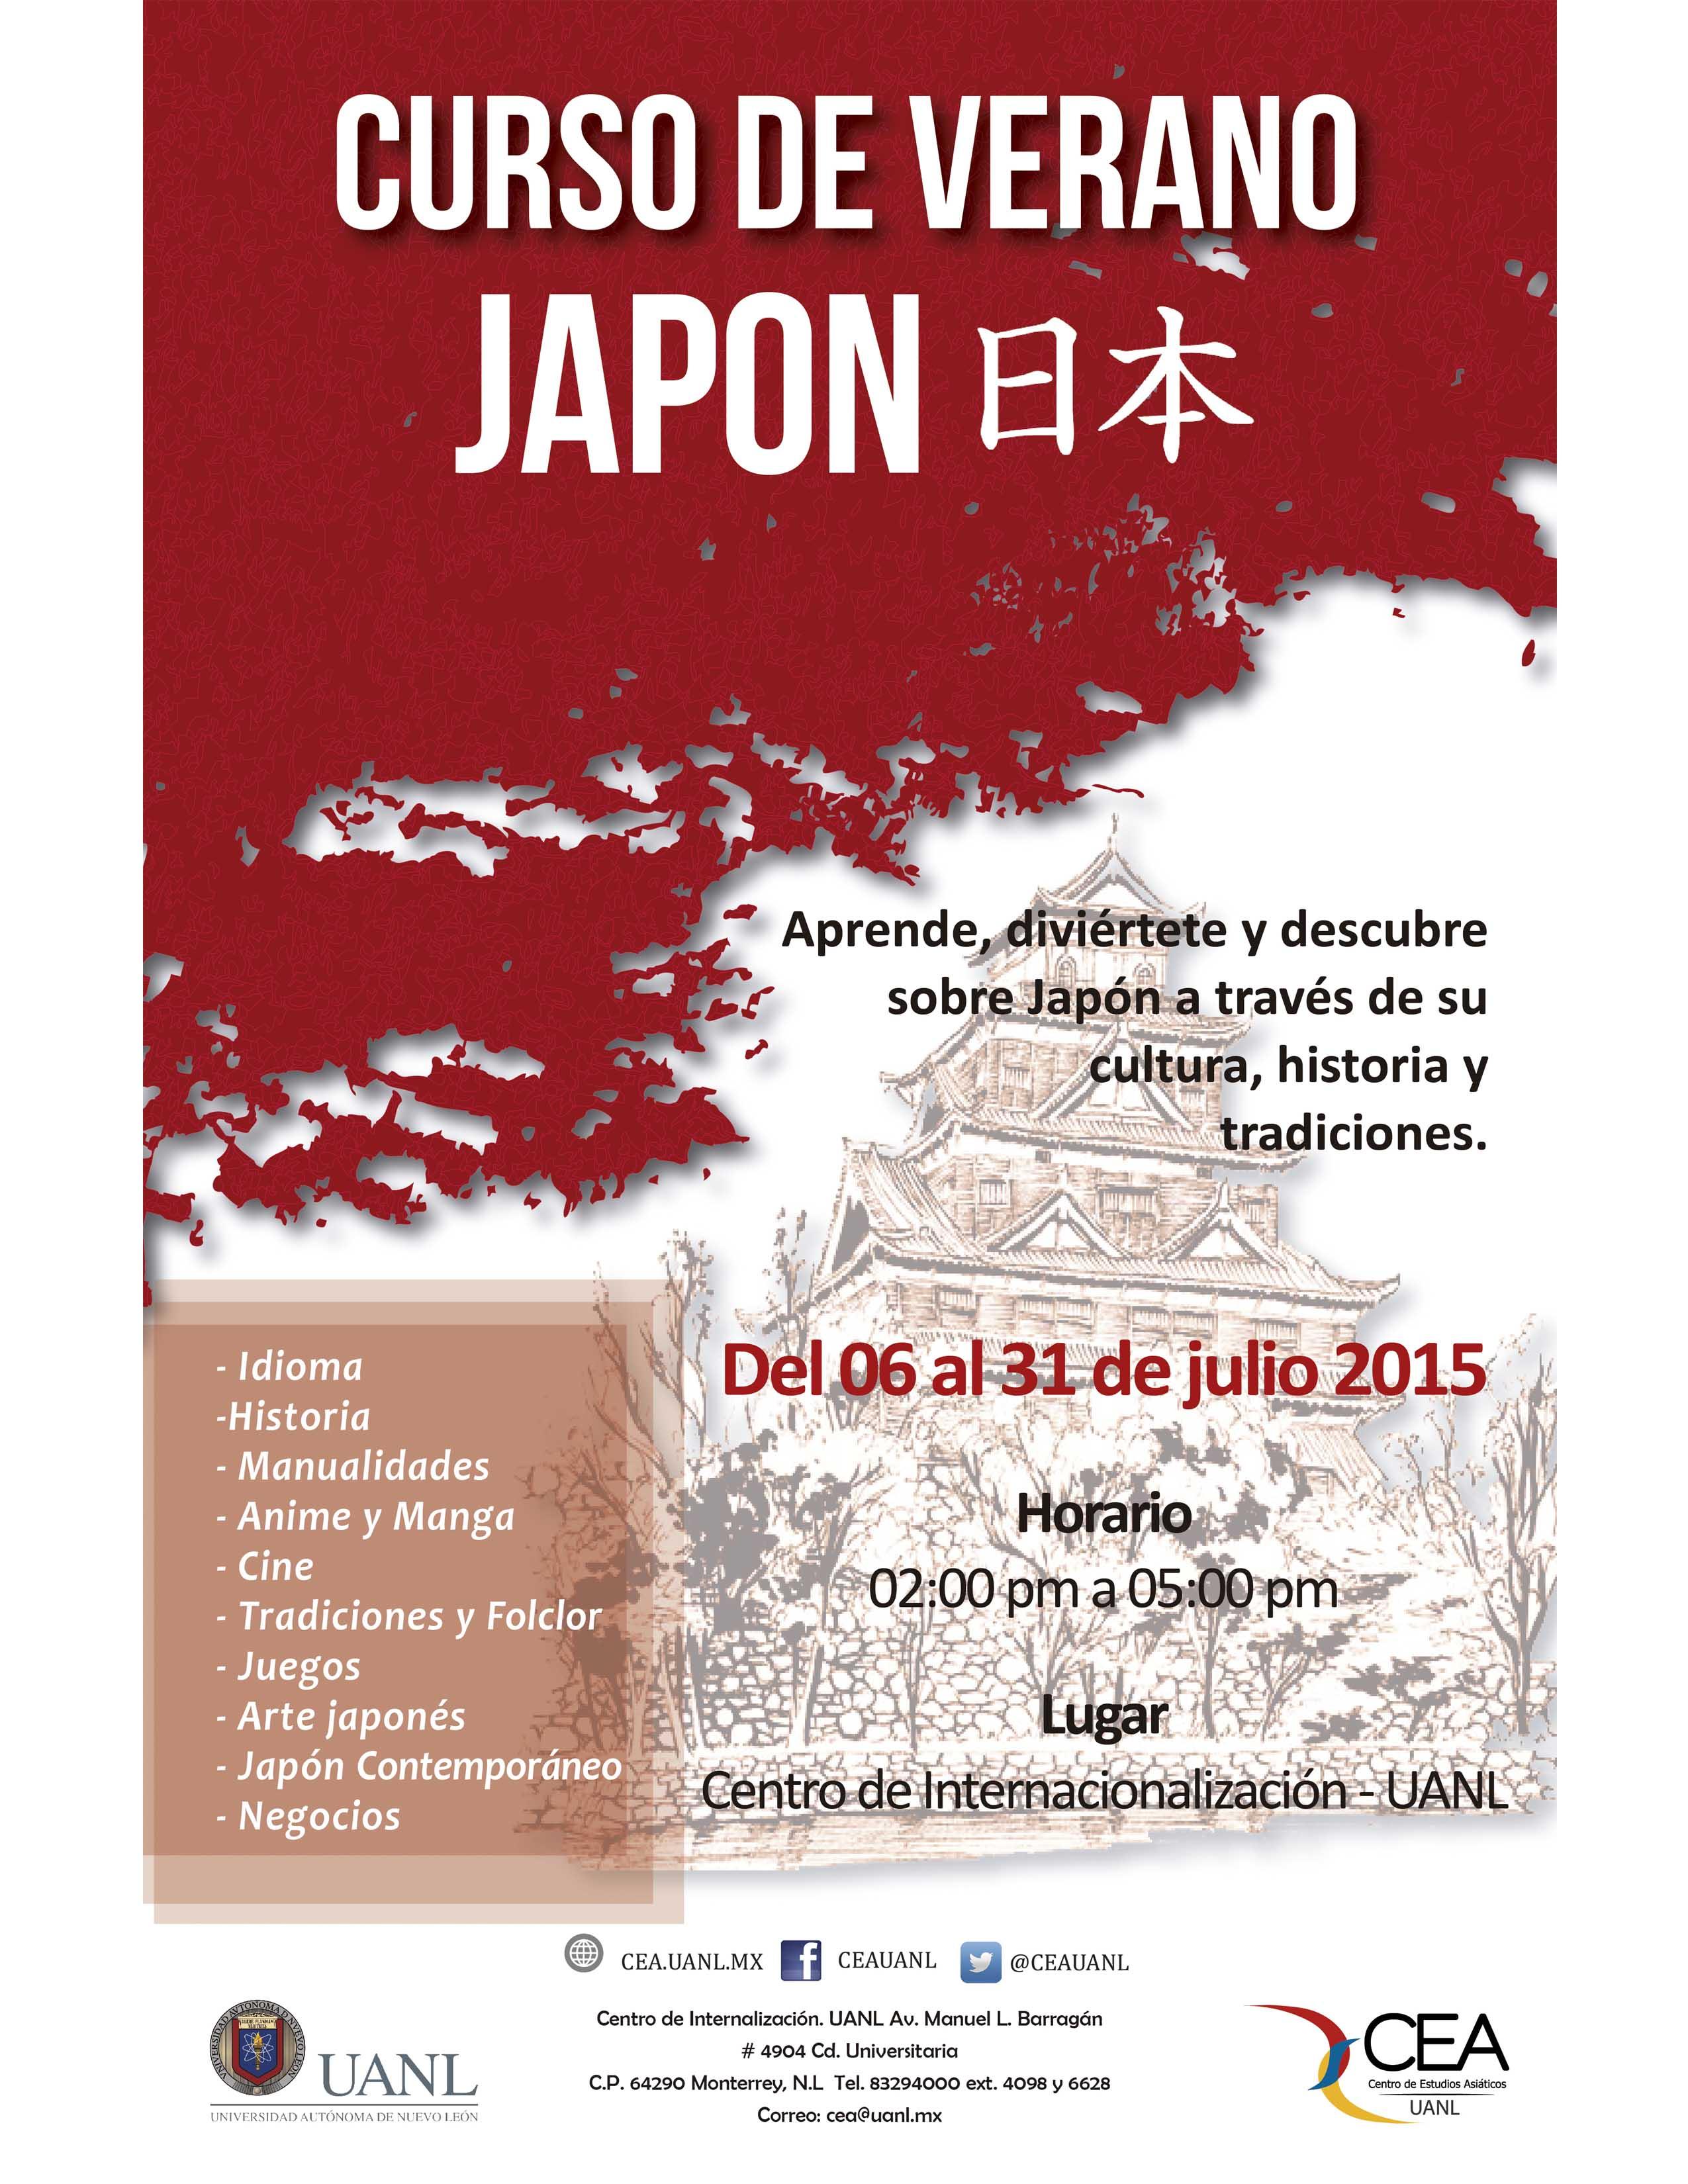 japon verano cursoooo